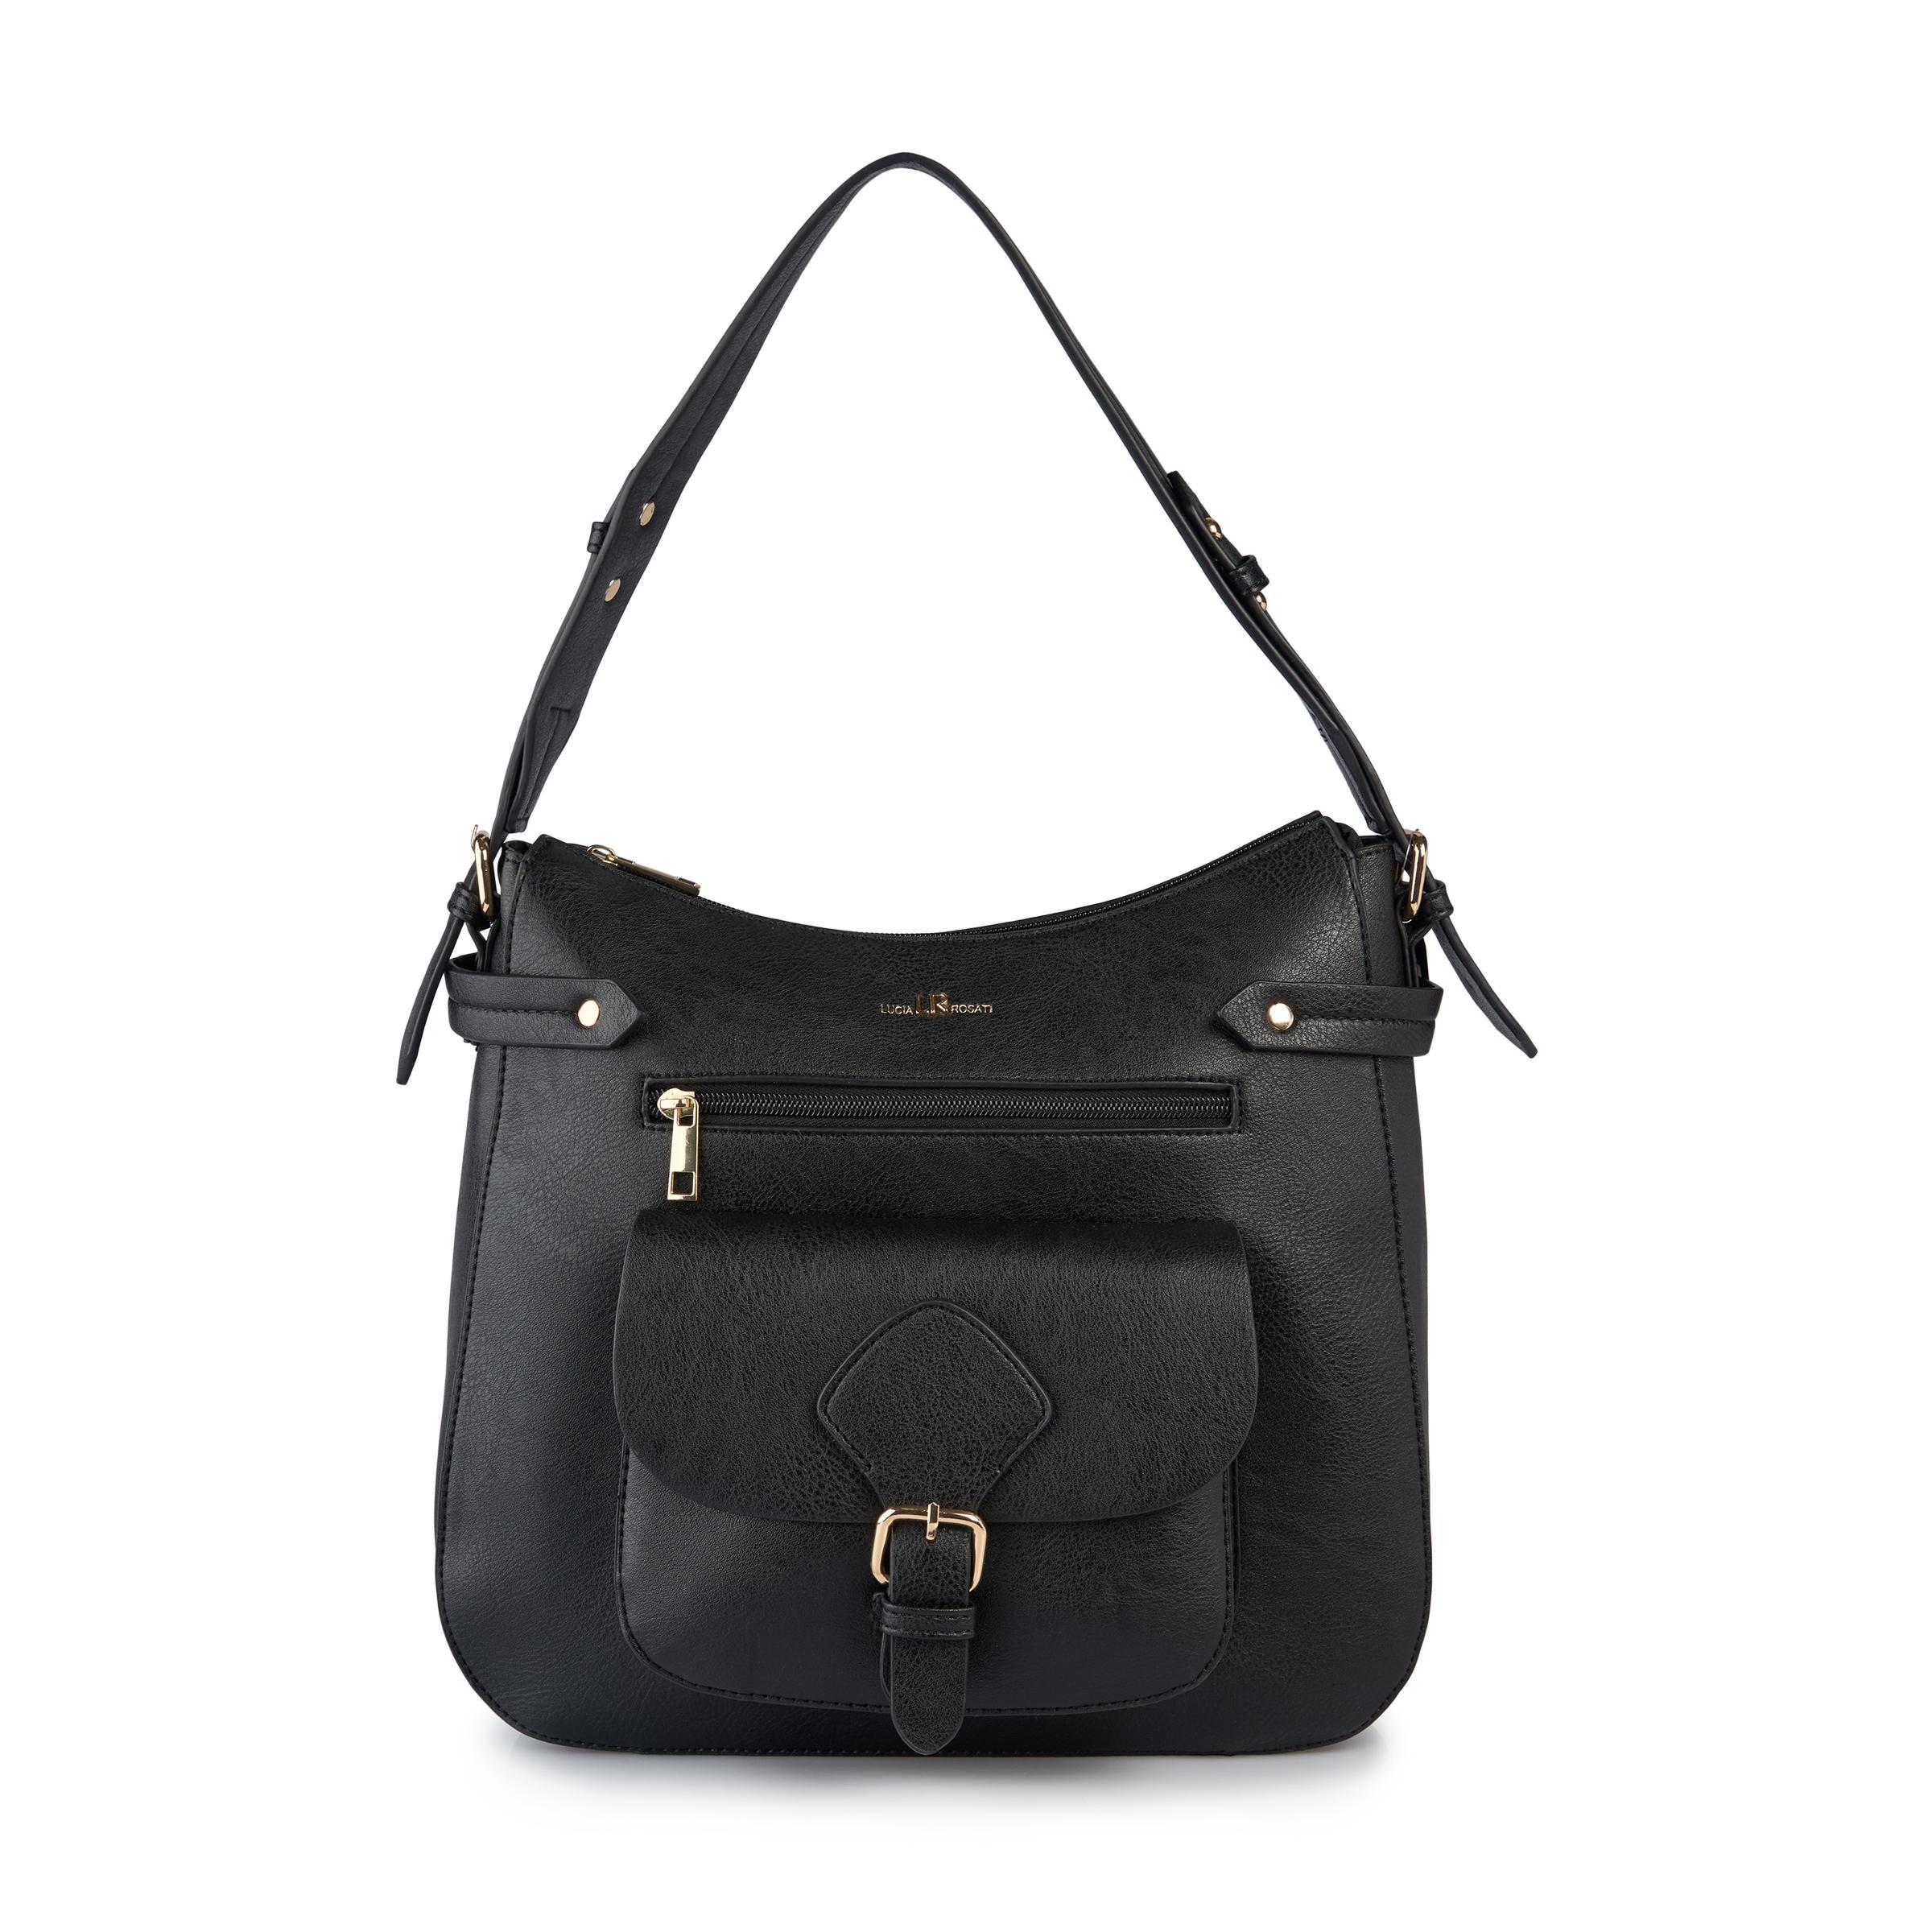 ee8392d5a011 Black Hobo Bag